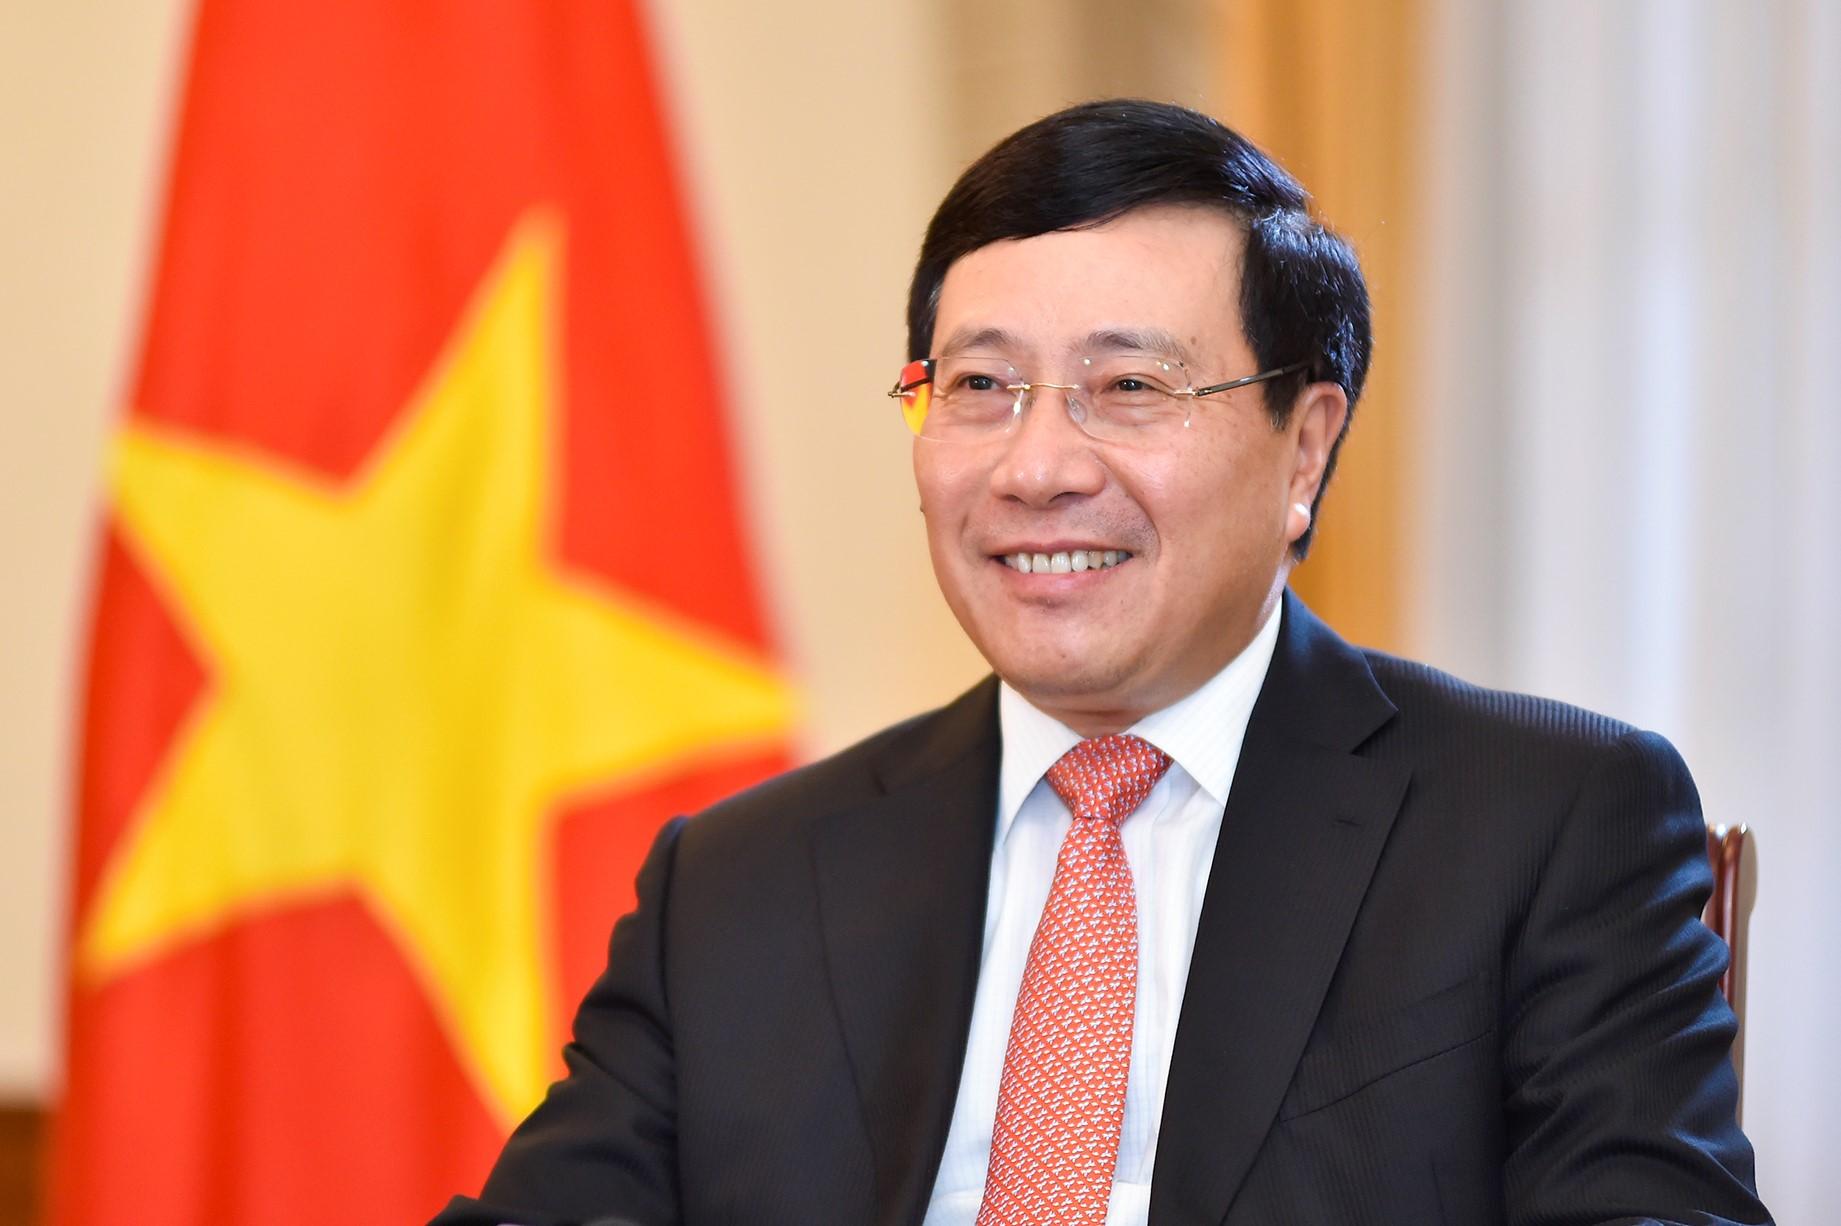 Quan hệ Việt Nam - Đức luôn thể hiện sức sống bền bỉ và mạnh mẽ